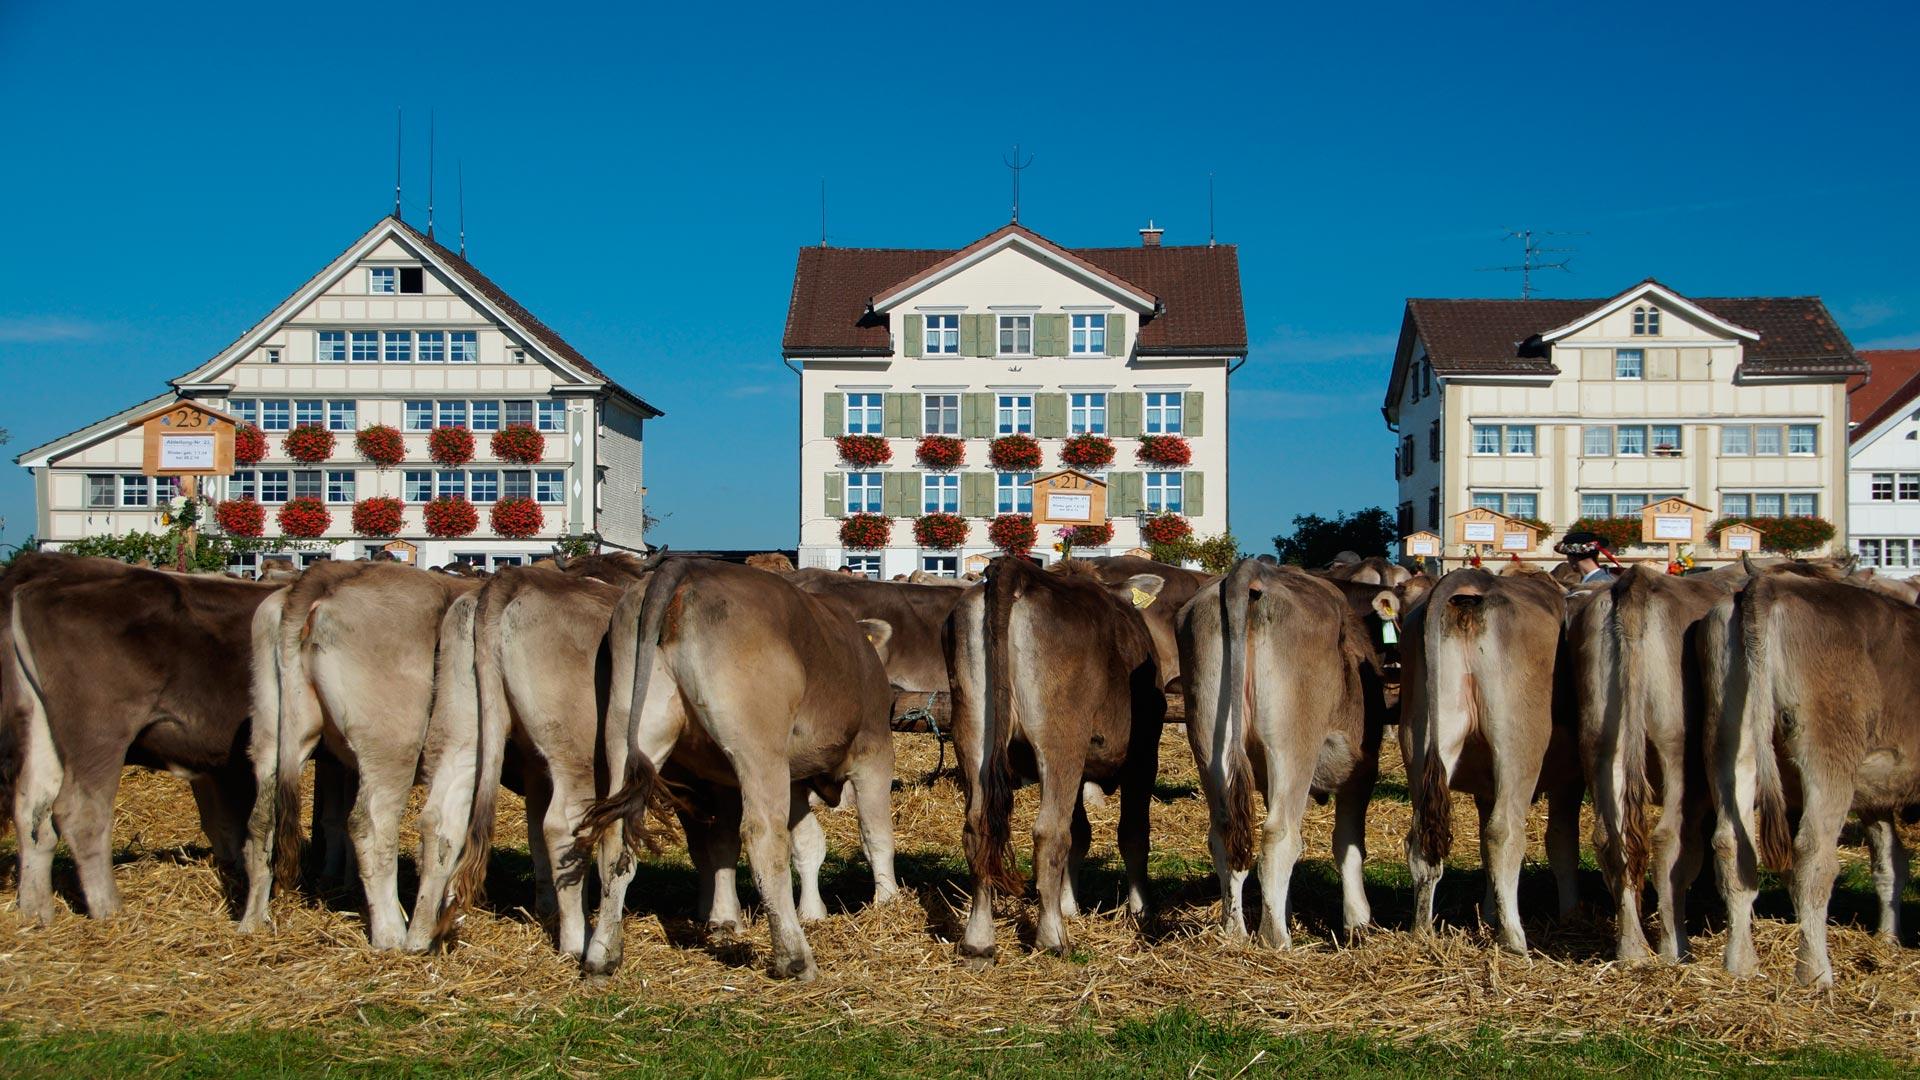 Las ventosidades de 90 vacas hacen explotar el establo